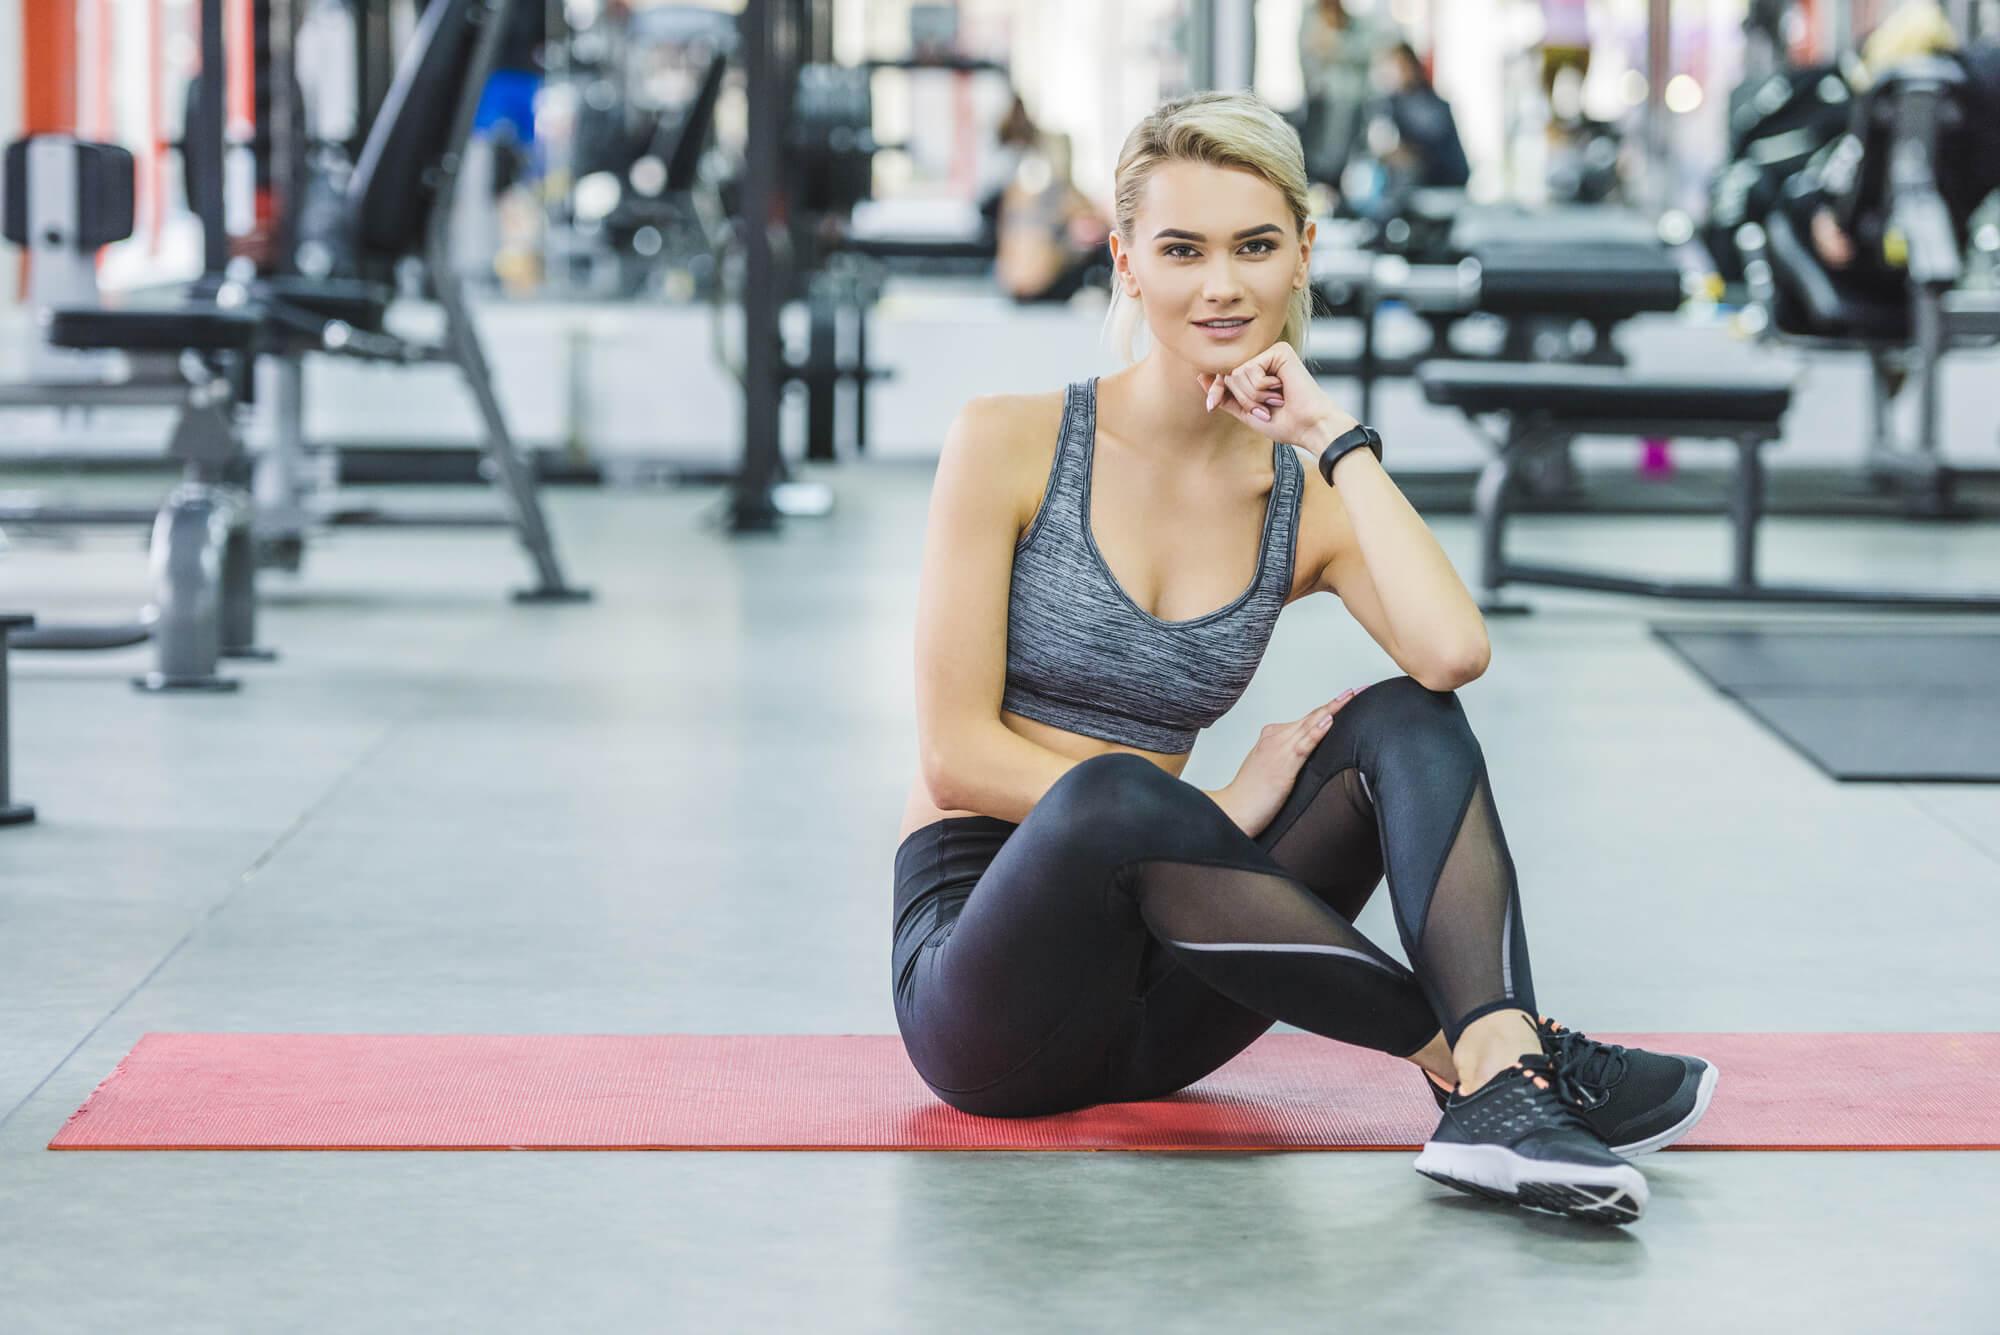 cdf4646c7d Conheça 5 tendências da moda fitness feminina